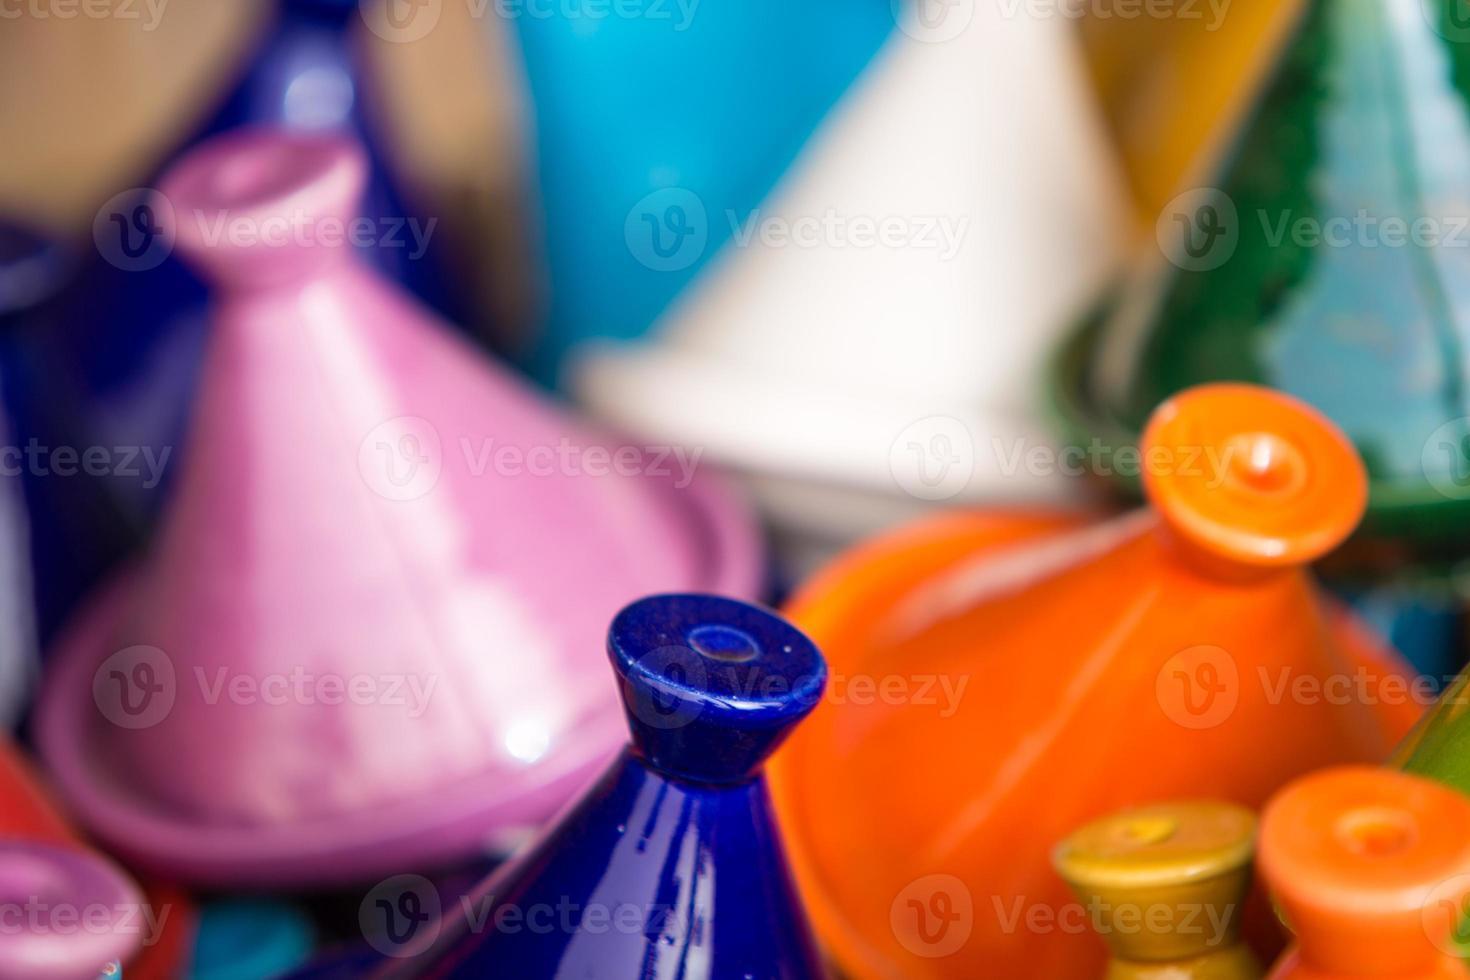 petits tajines colorés au souk, tiznit photo